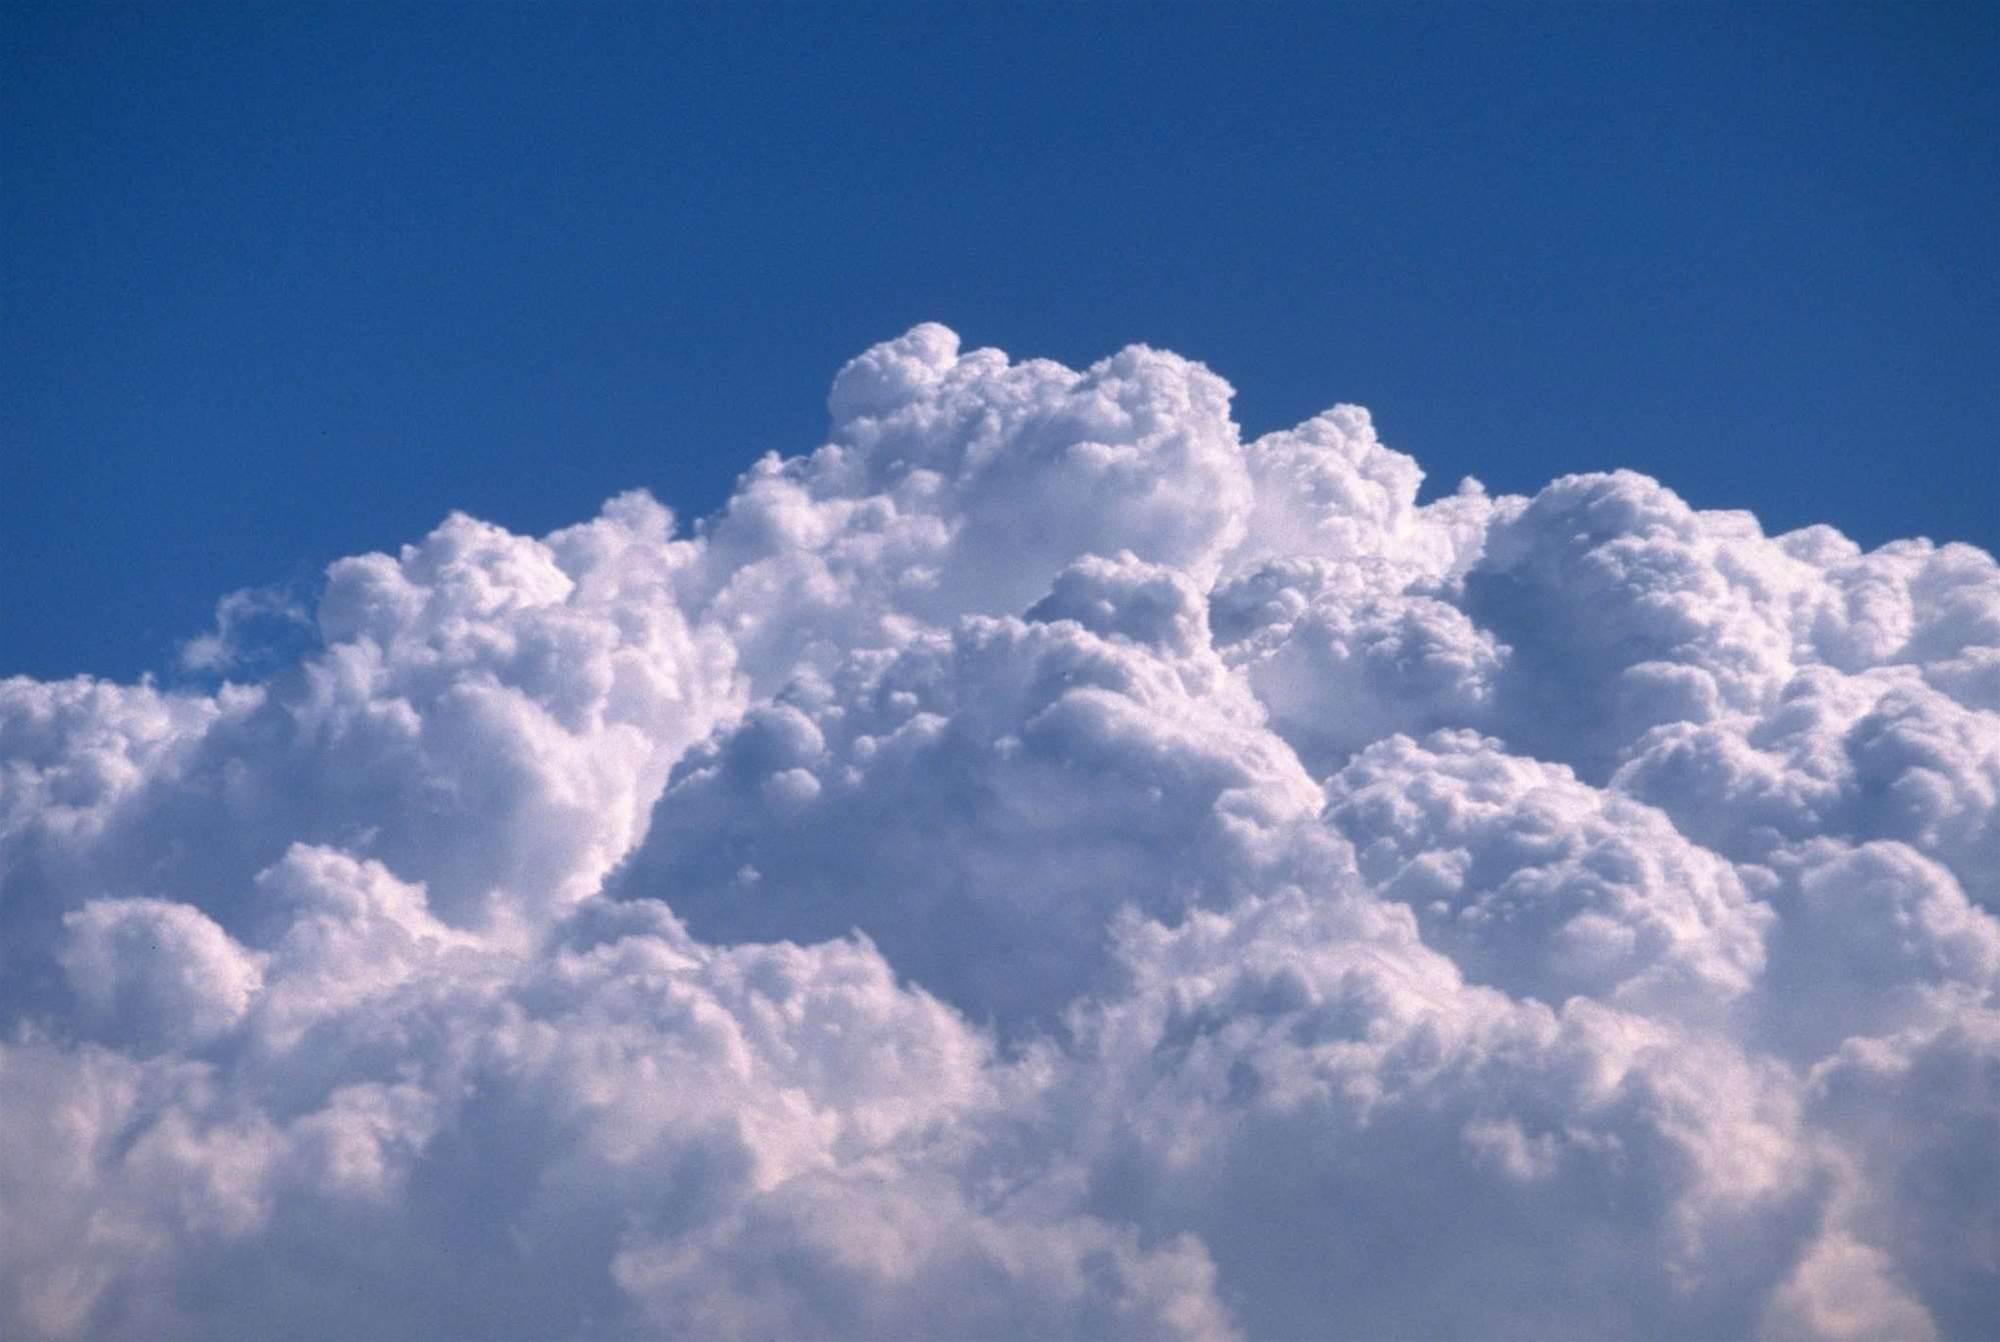 Victorian govt super fund plans total shift to public cloud